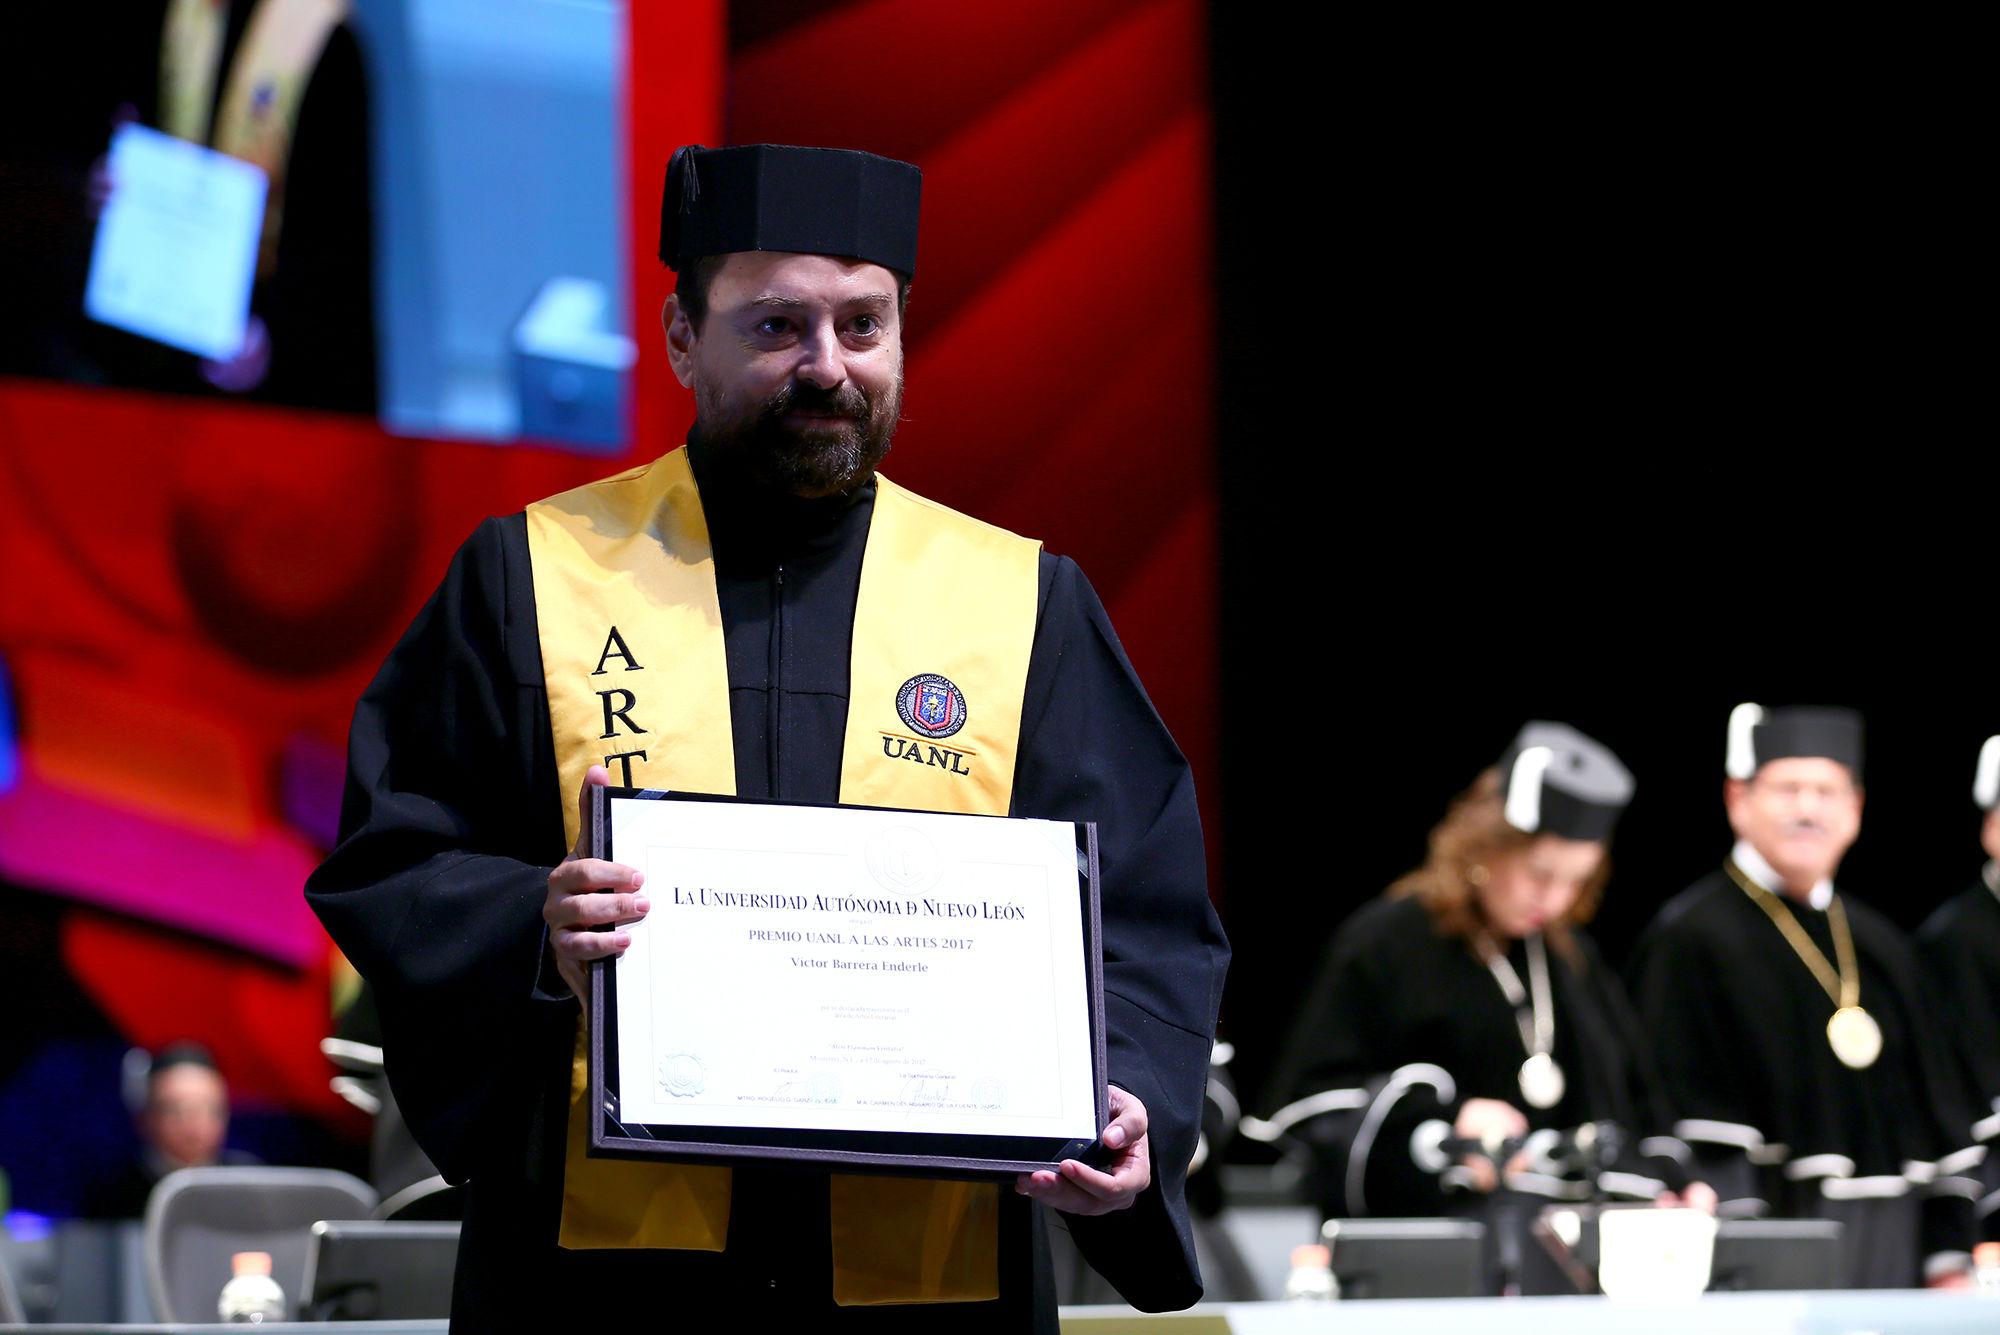 Víctor Barrera Enderle platicará con estudiantes de la Facultad de Filosofía y Letras